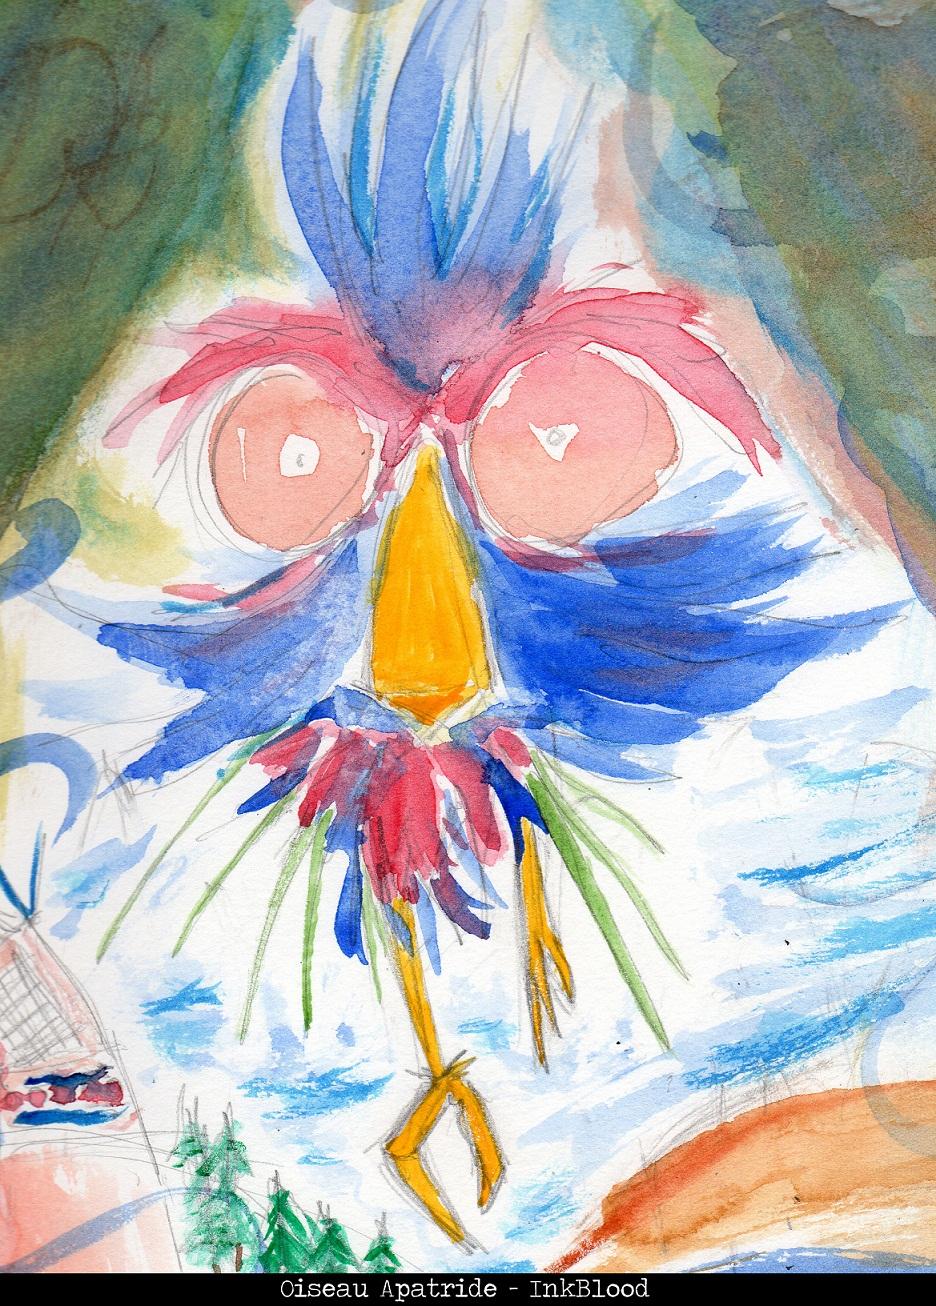 Aqua-3-Oiseau-Apatride--